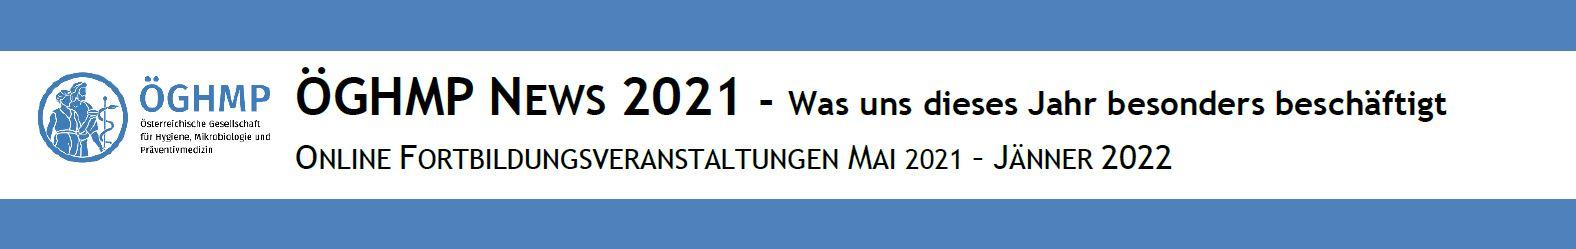 ÖGHMP News 2021/22